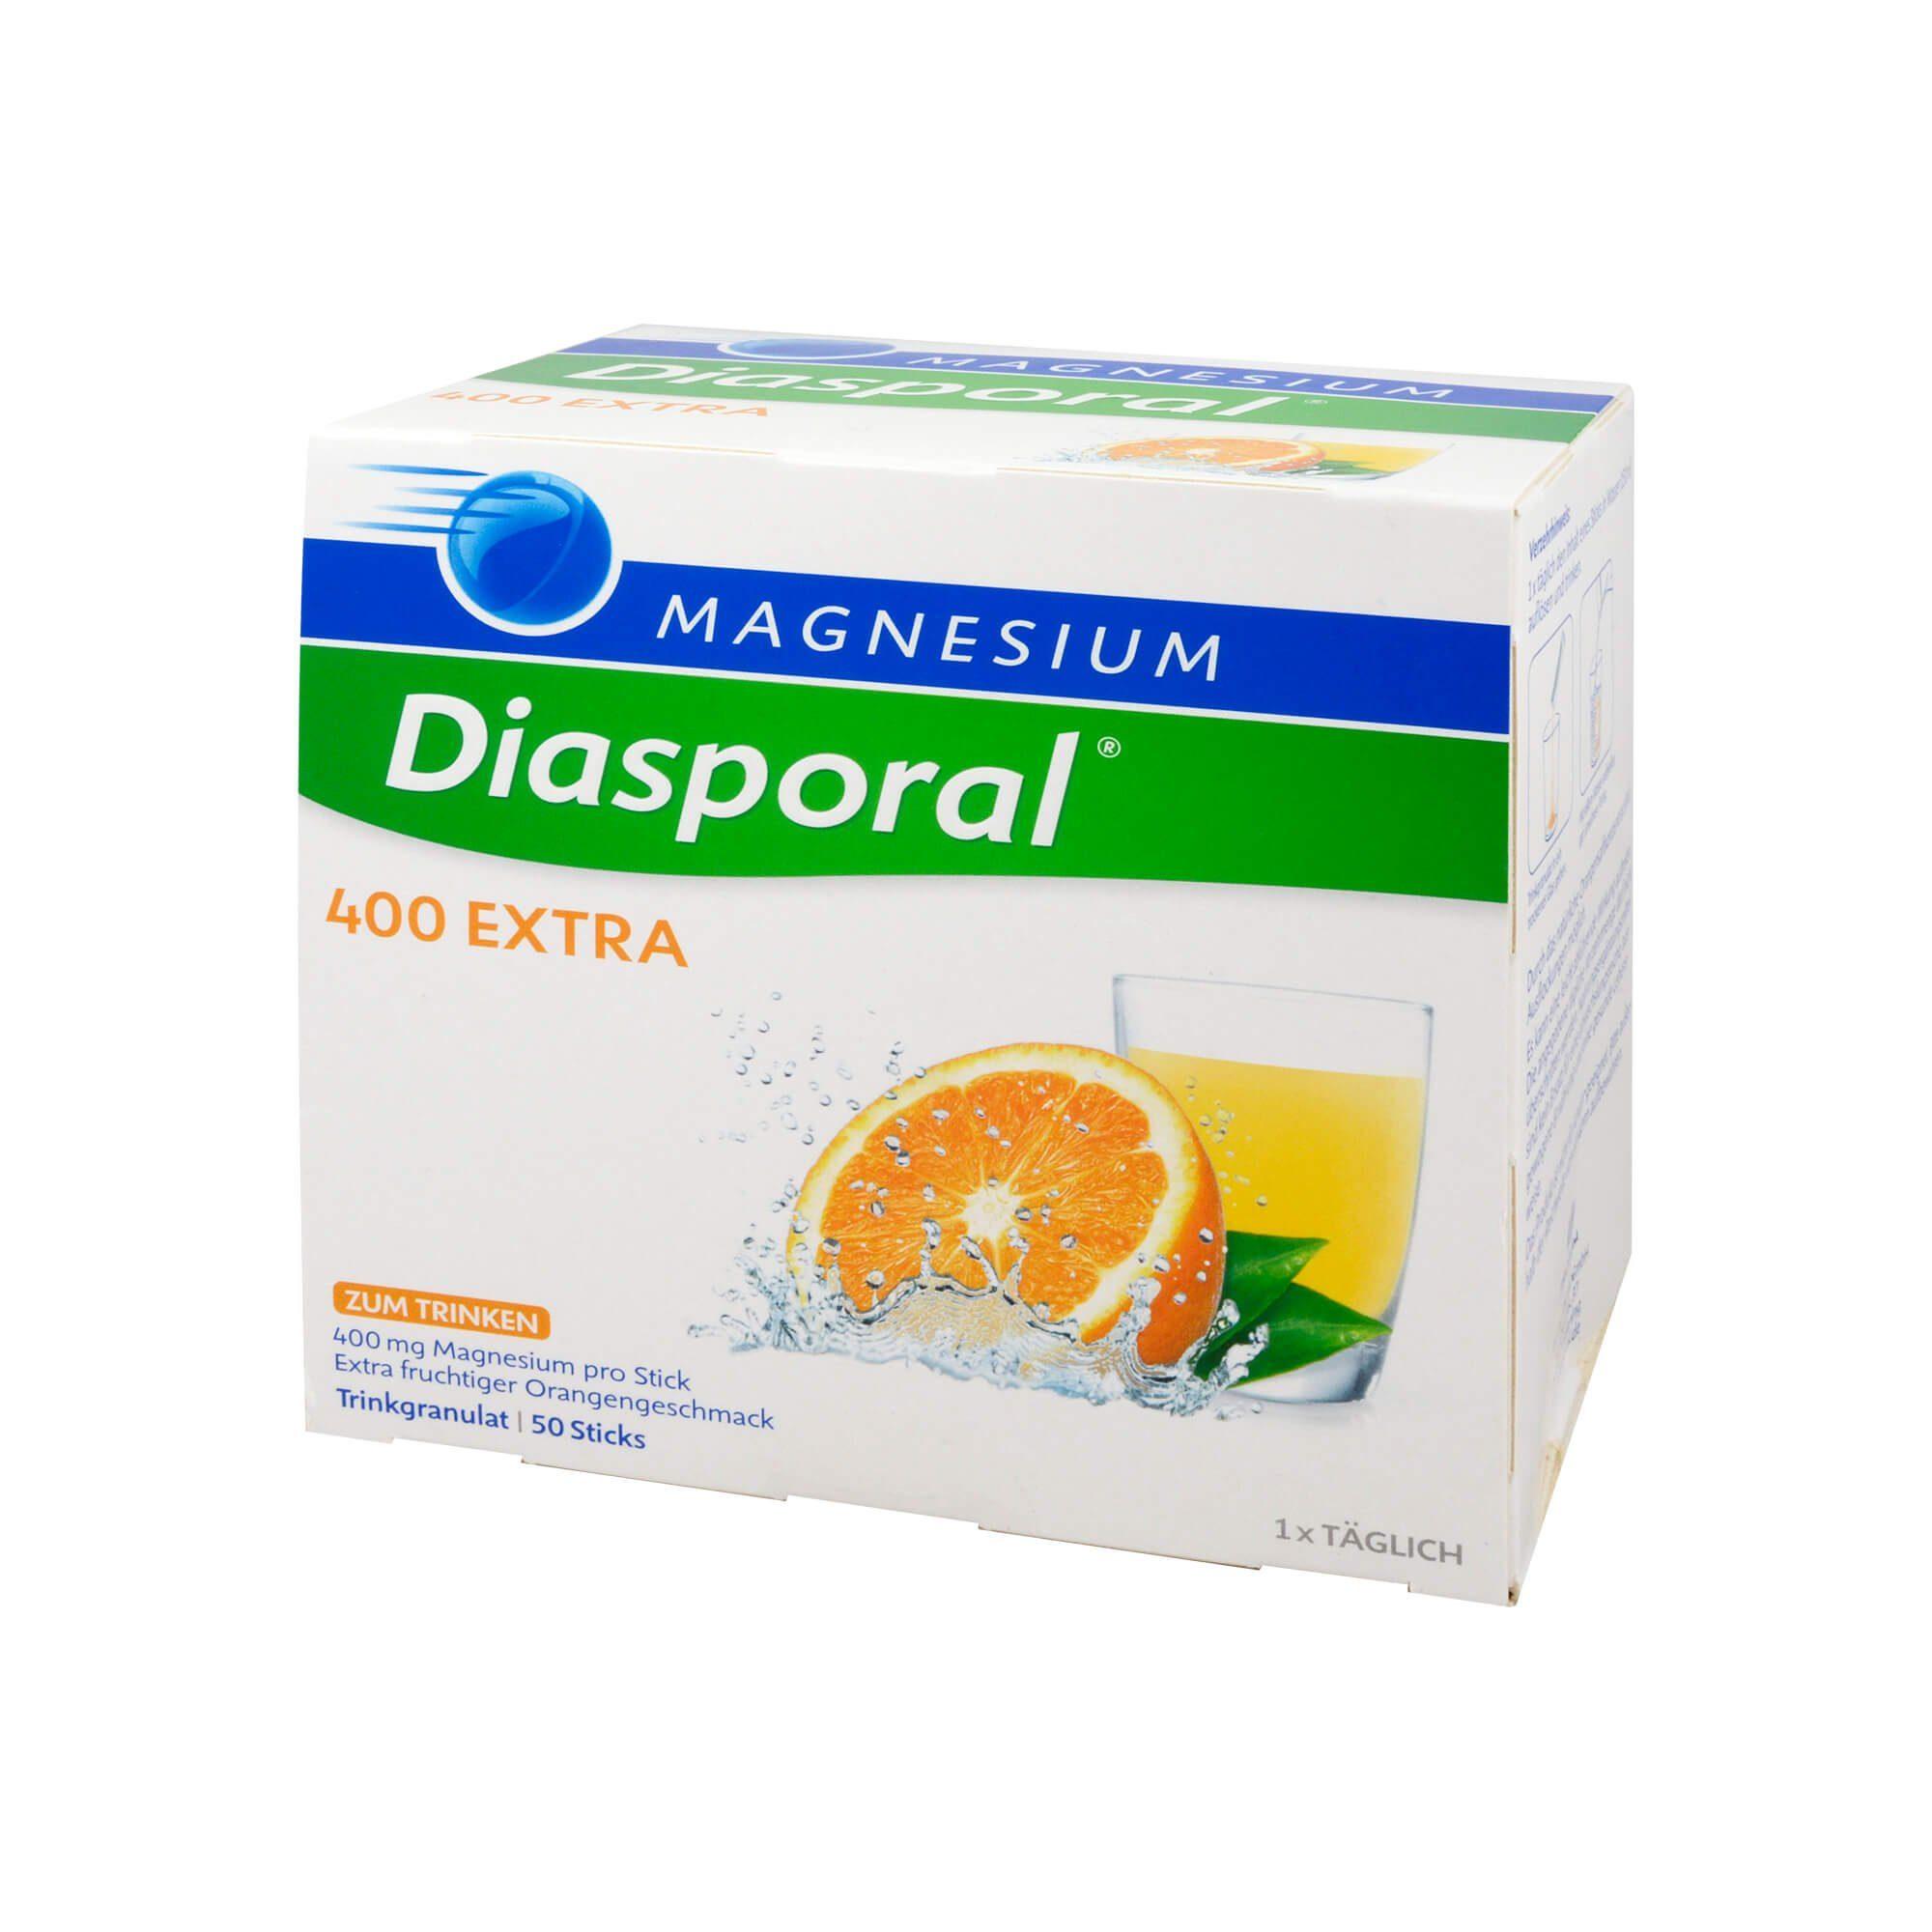 Diasporal Magnesium Diasporal 400 Extra , 50 St